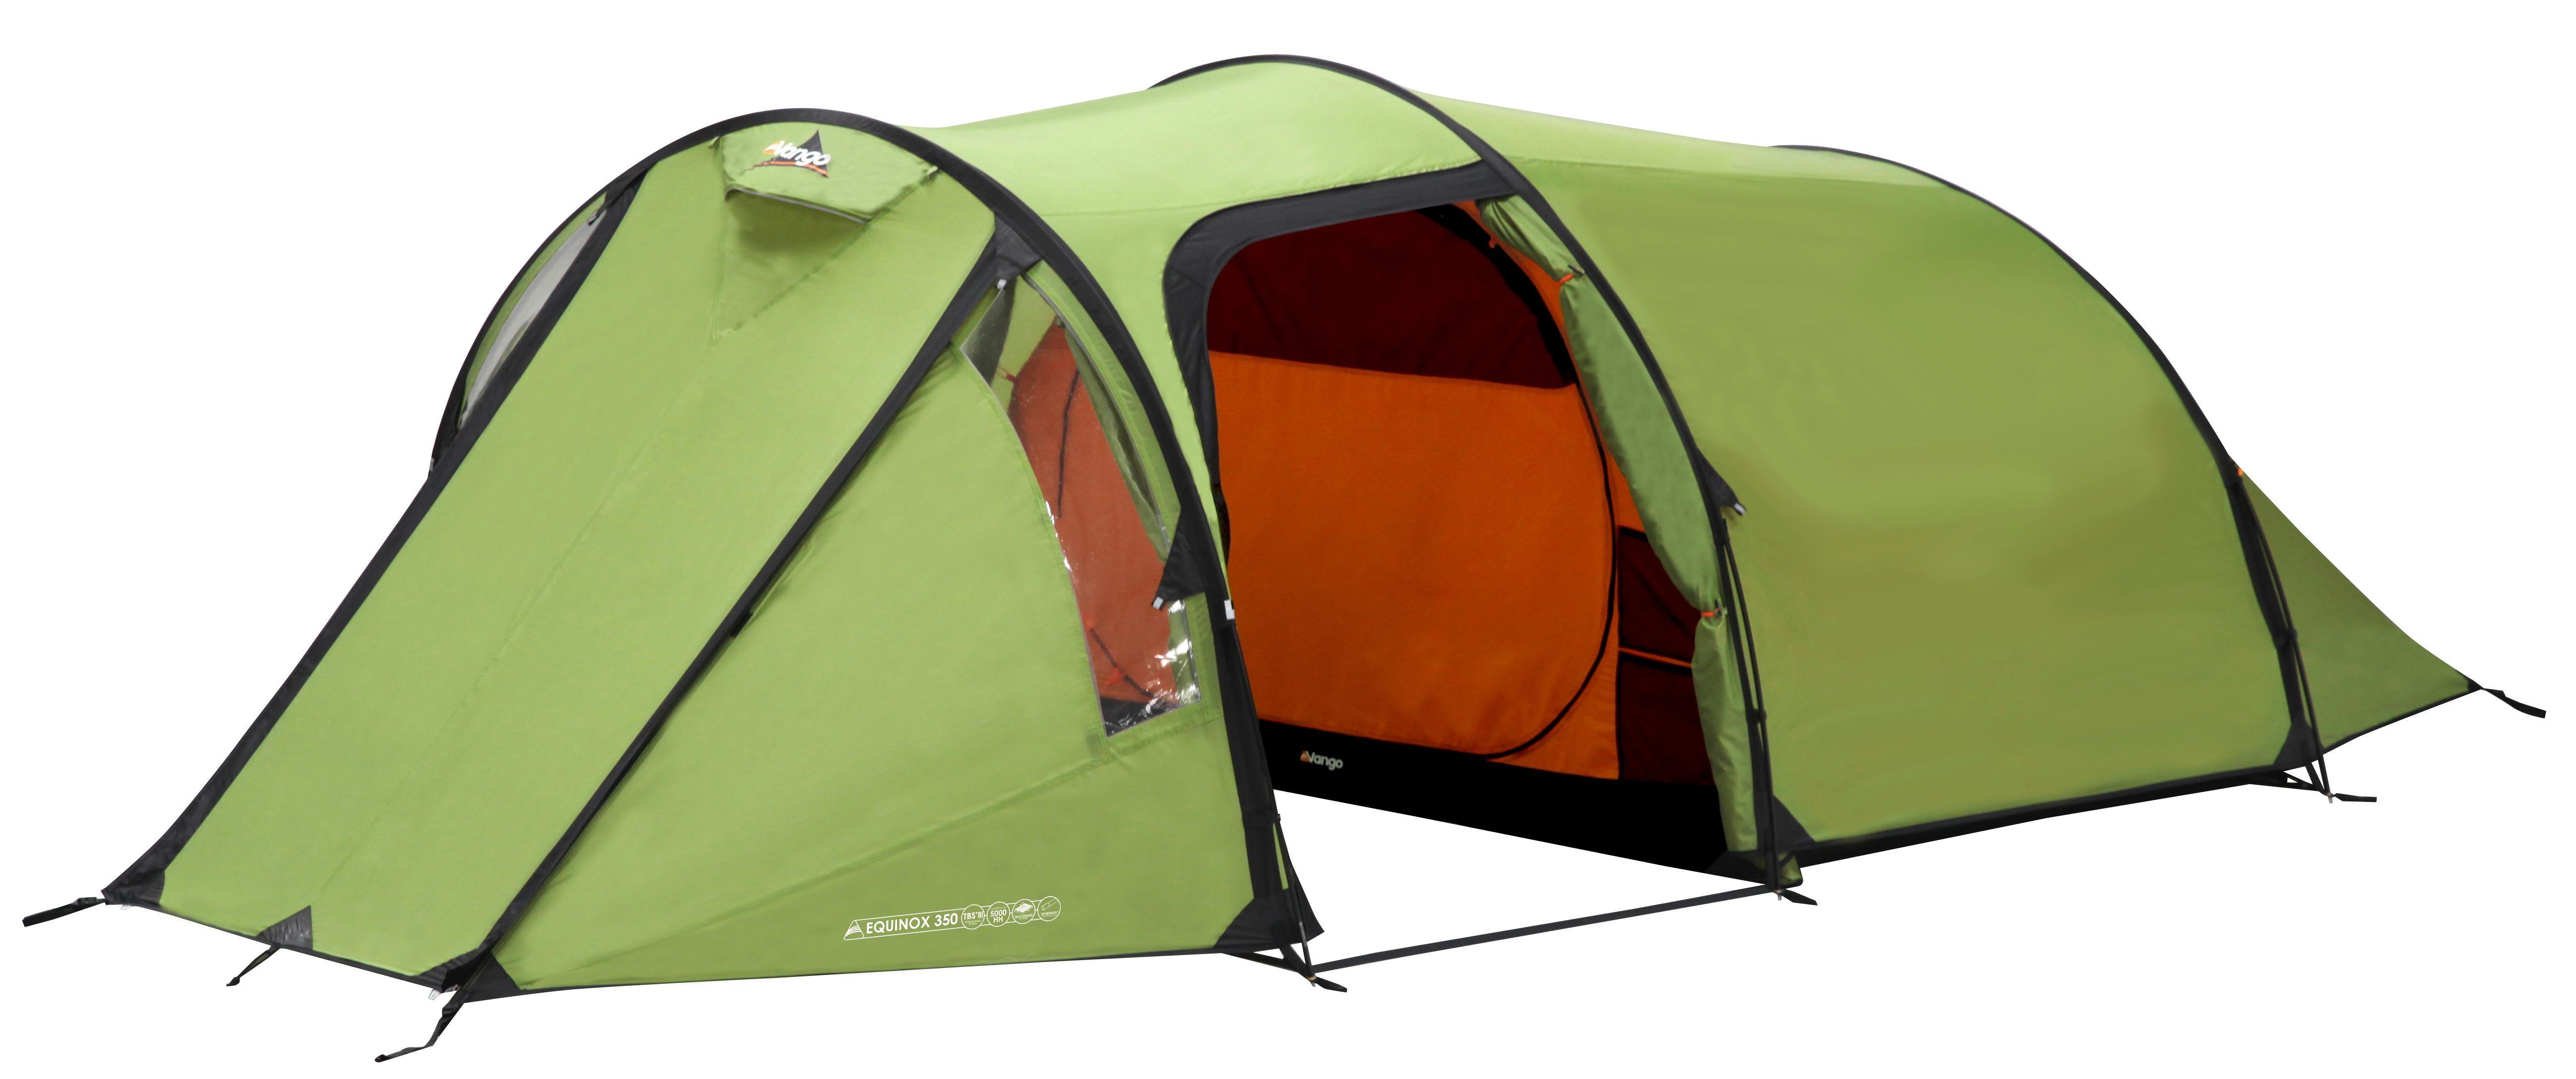 sc 1 st  Outdoor Megastore & Vango Equinox 450 Tent